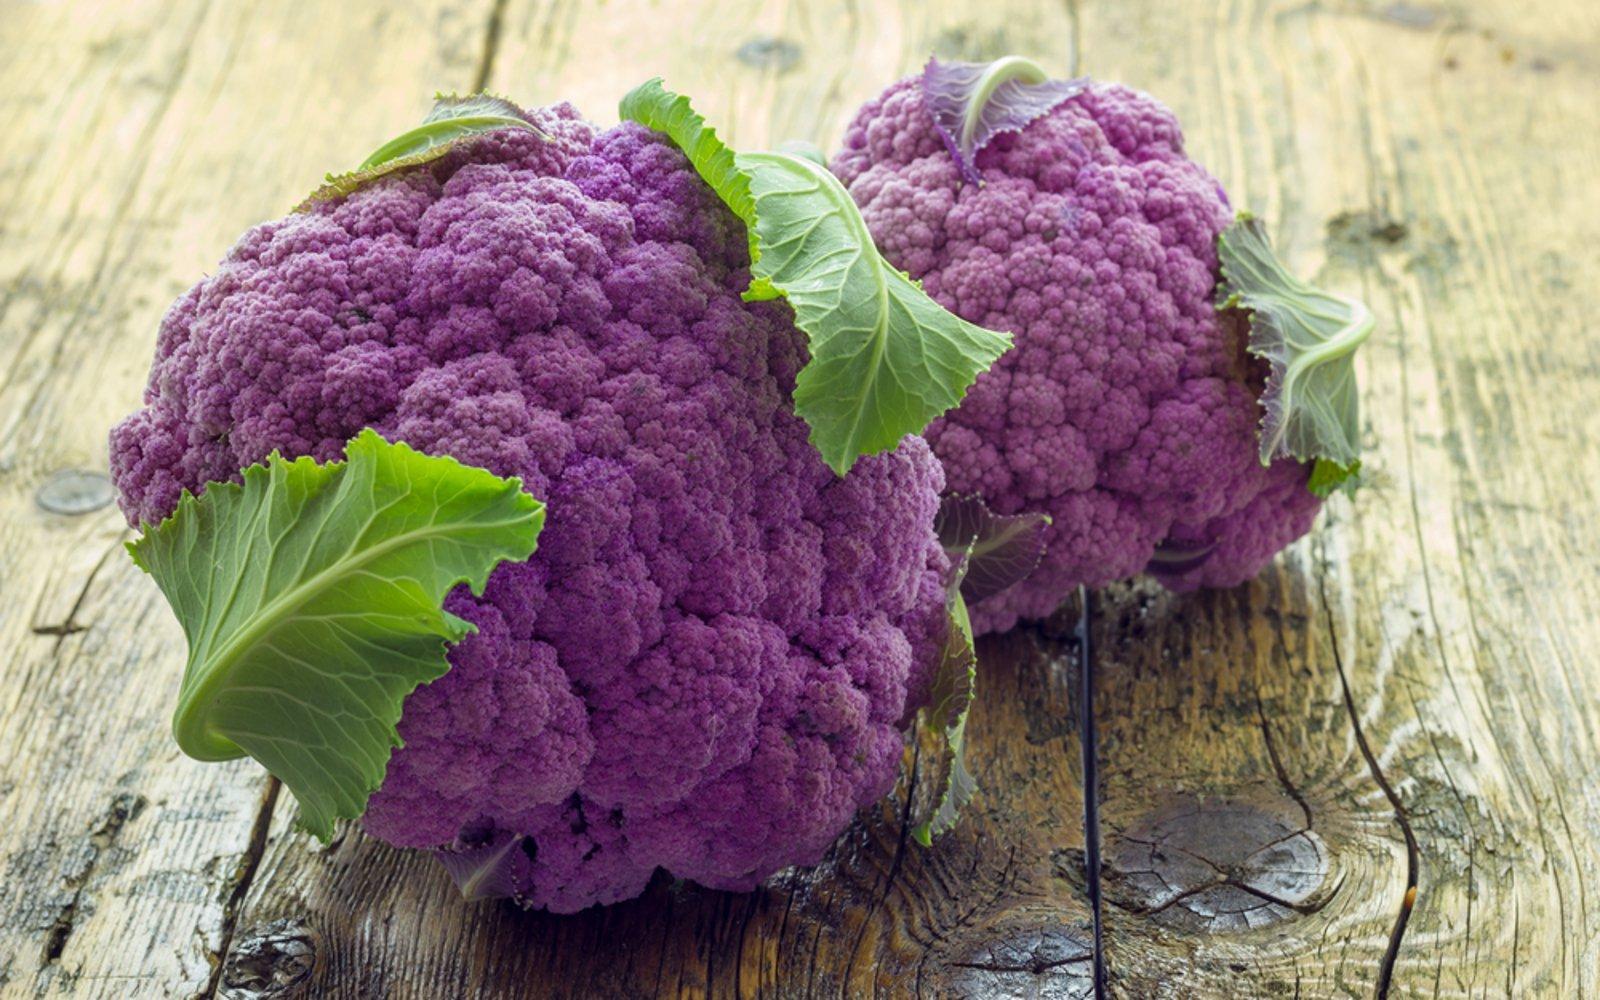 5 loại thực phẩm màu tím được ưa chuộng trên thế giới bởi chứa hàm lượng dinh dưỡng cực cao - Ảnh 4.